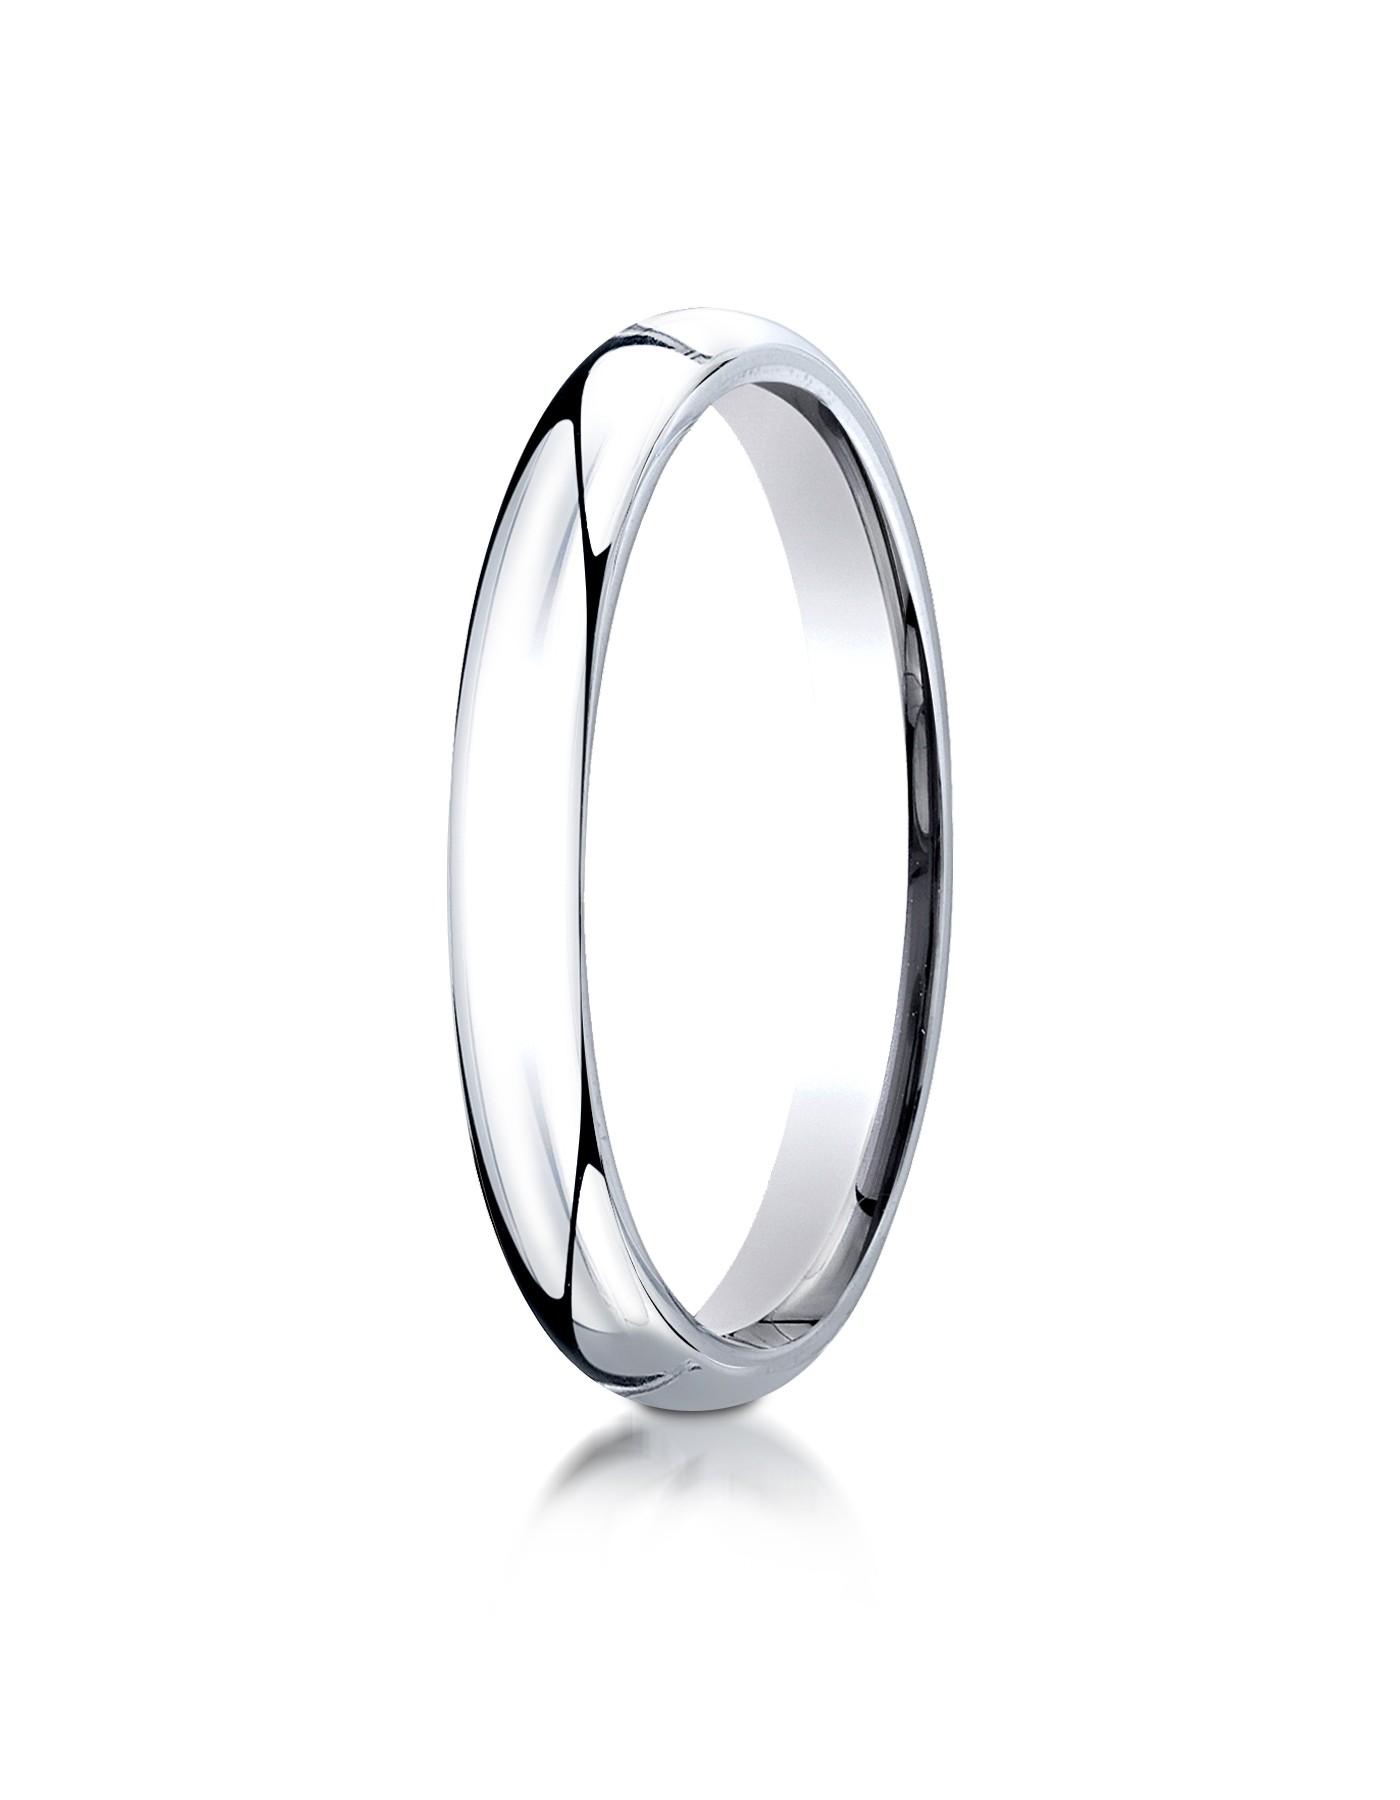 14k White Gold 3mm Slightly Domed Super Light Comfort-fit Ring